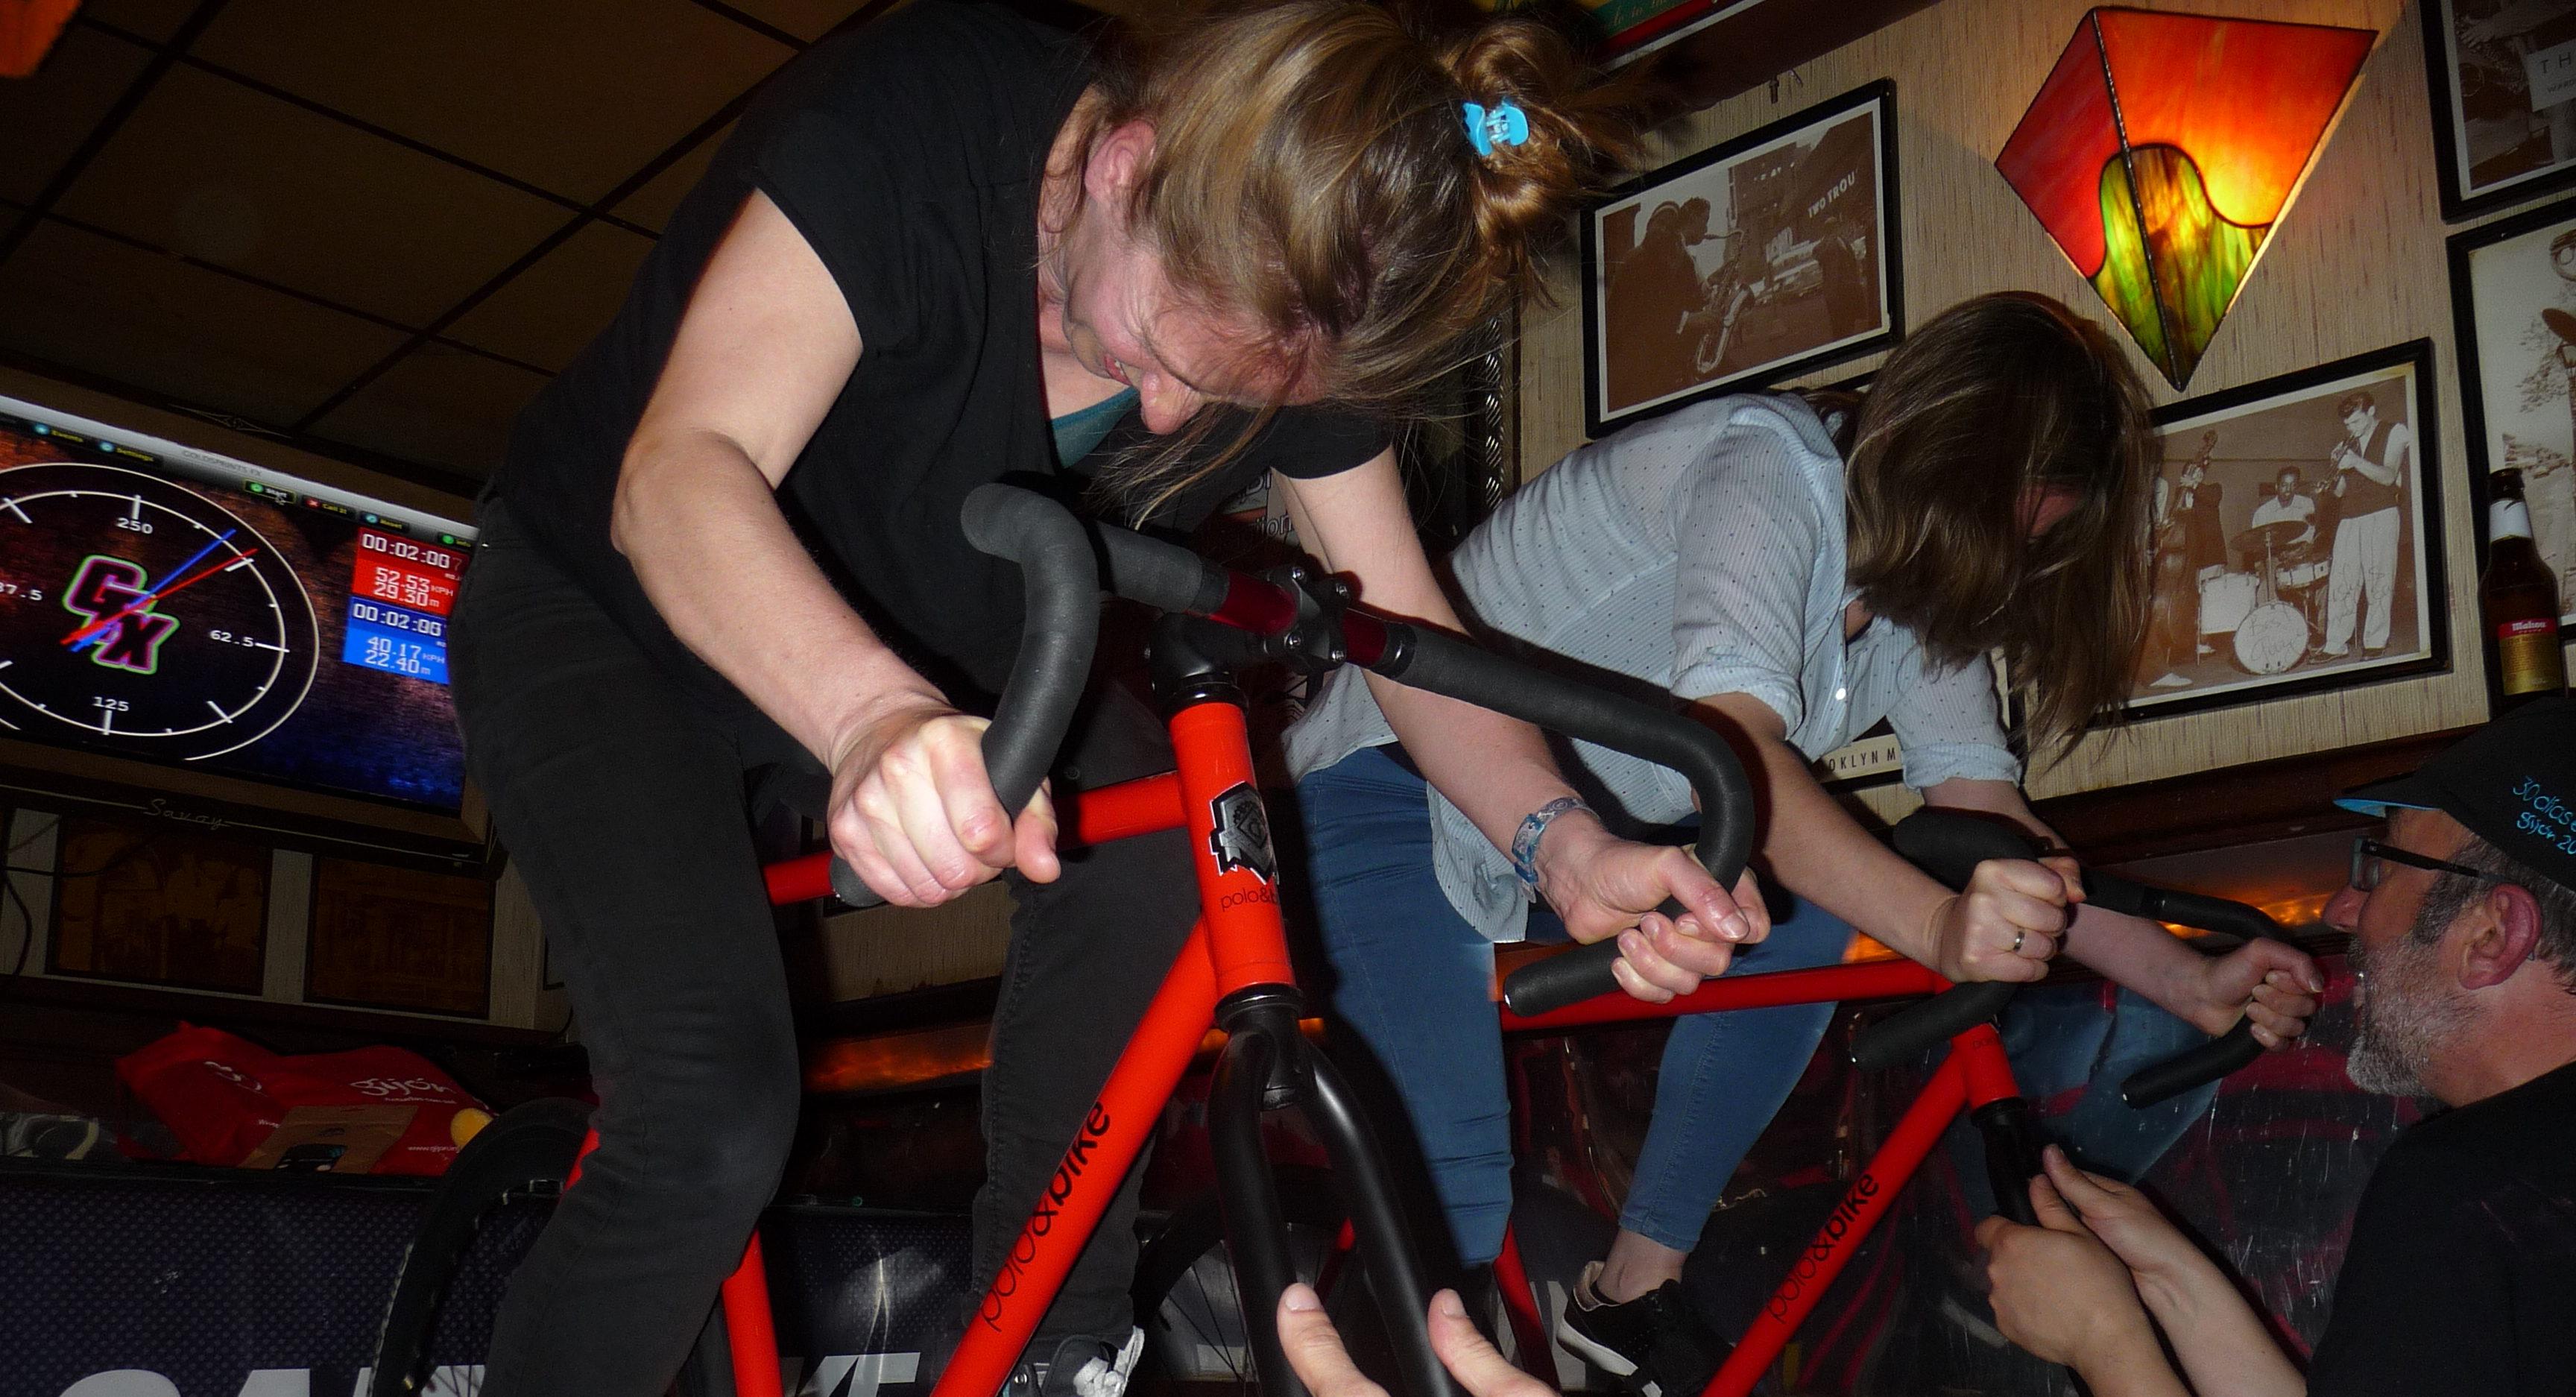 Torneo Goldsprints 30DEB 30 Días en Bici